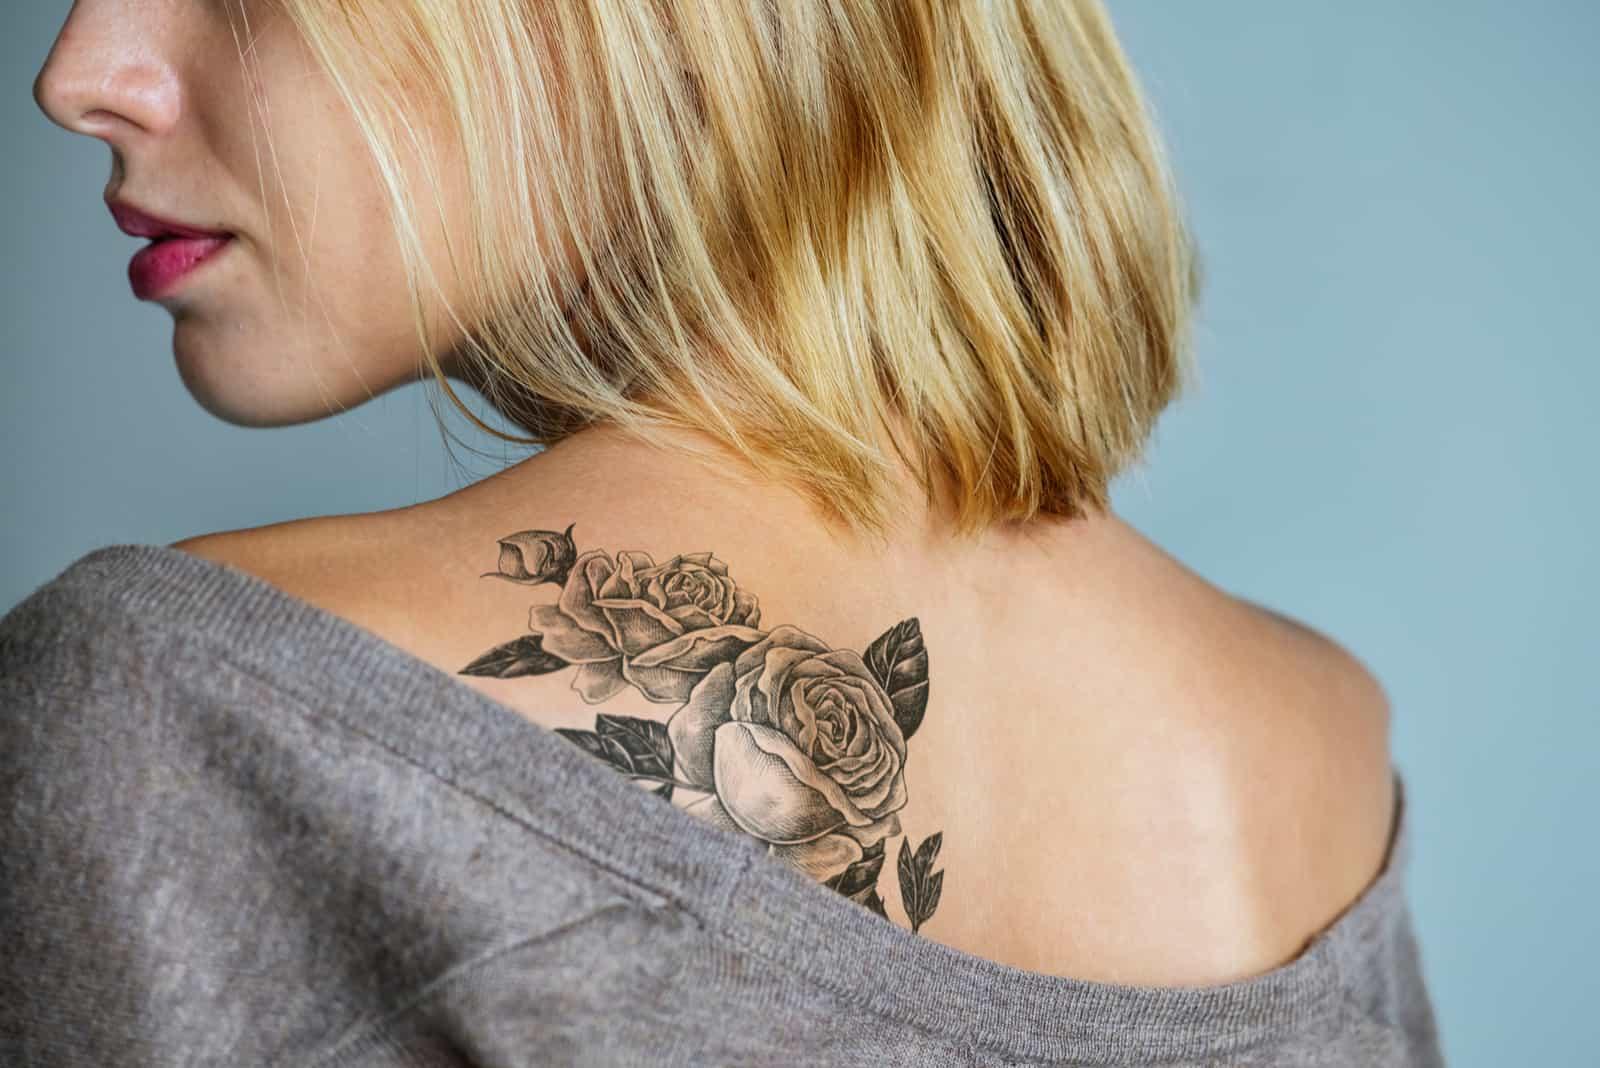 un tatouage de rose sur l'épaule d'une femme